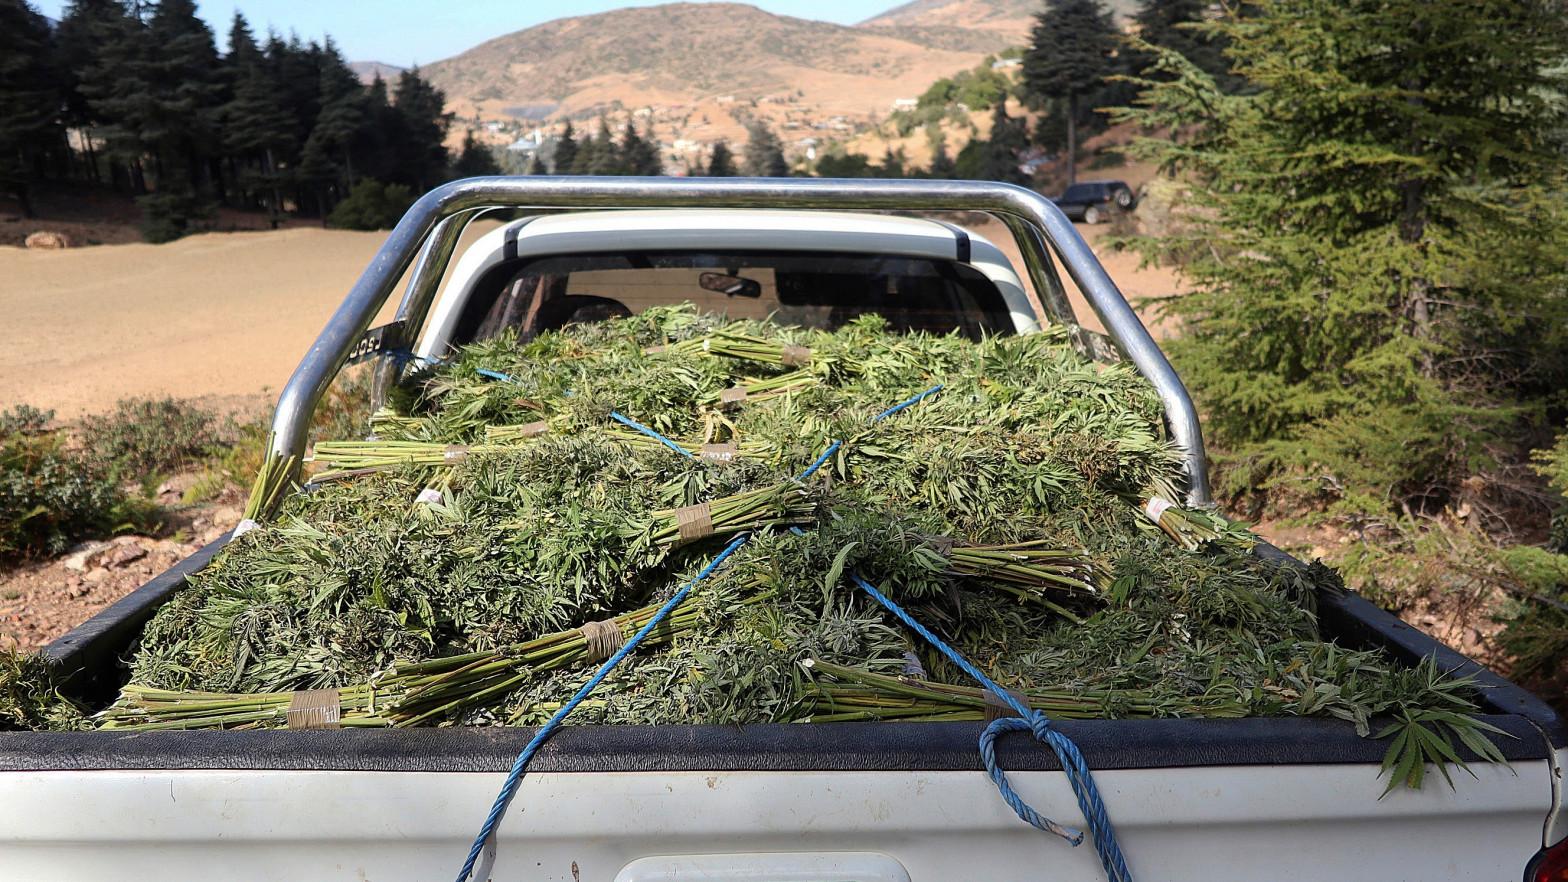 Marruecos legalizará ciertos usos del cannabis